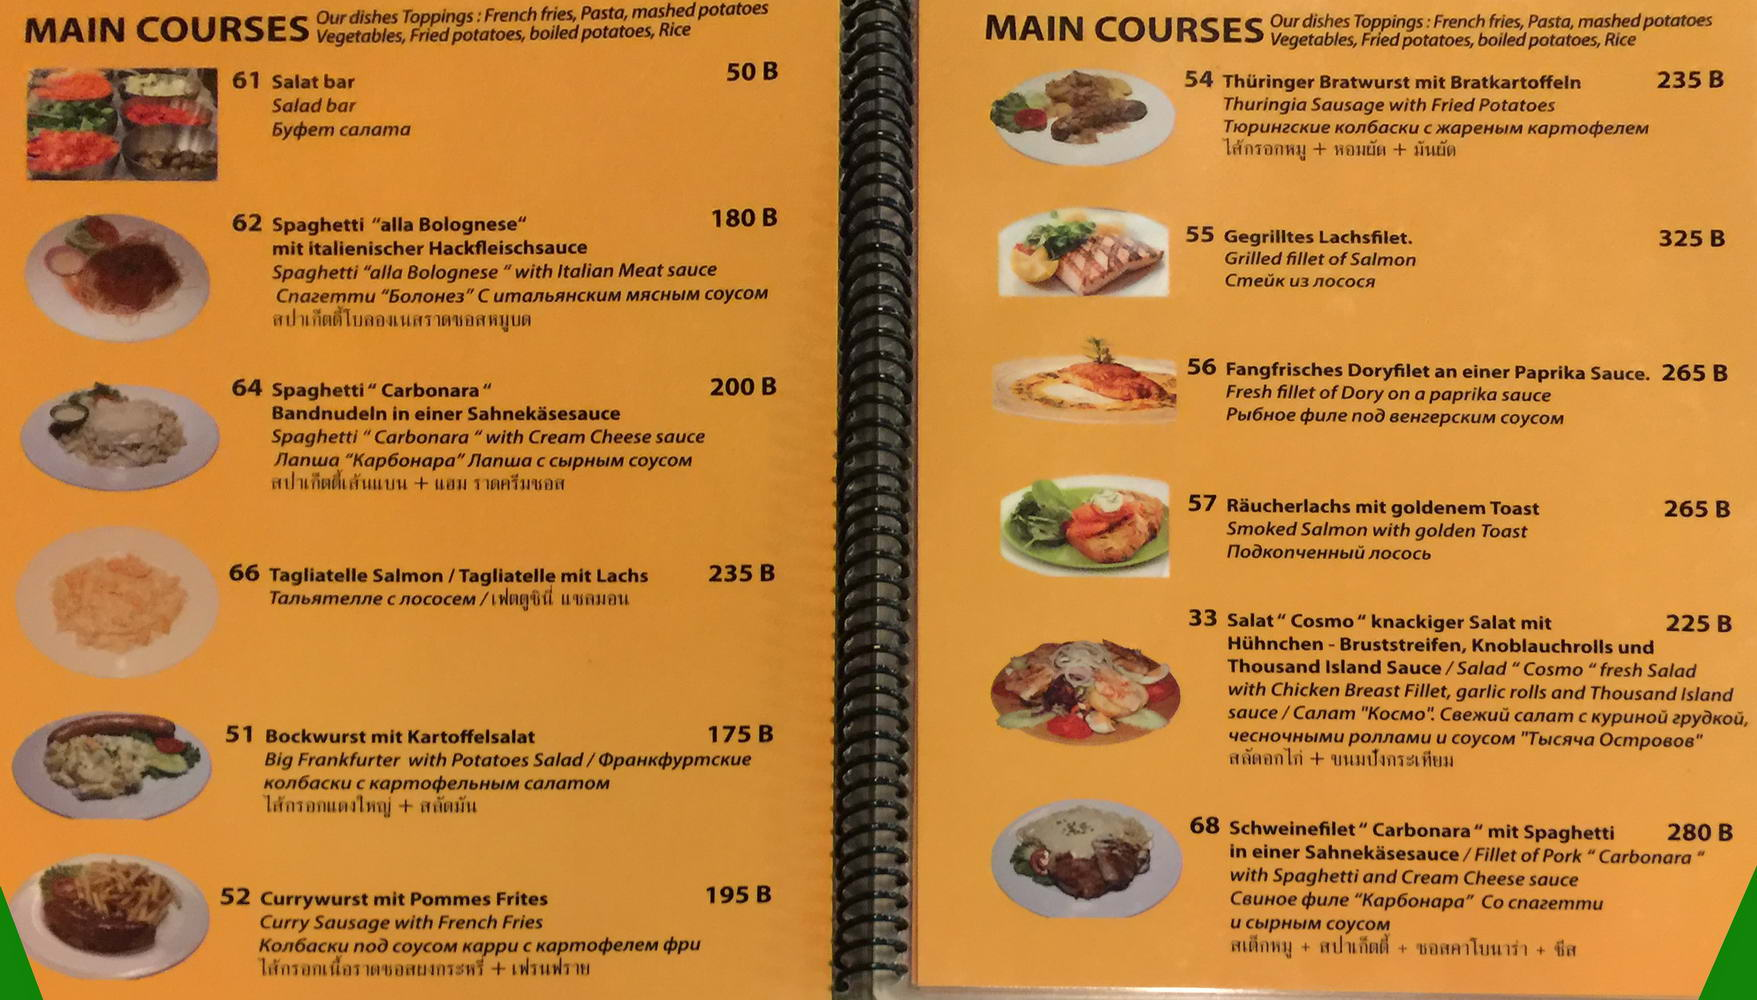 Speisekarte Brauhaus Deutsches Restaurant Pattaya - Menü